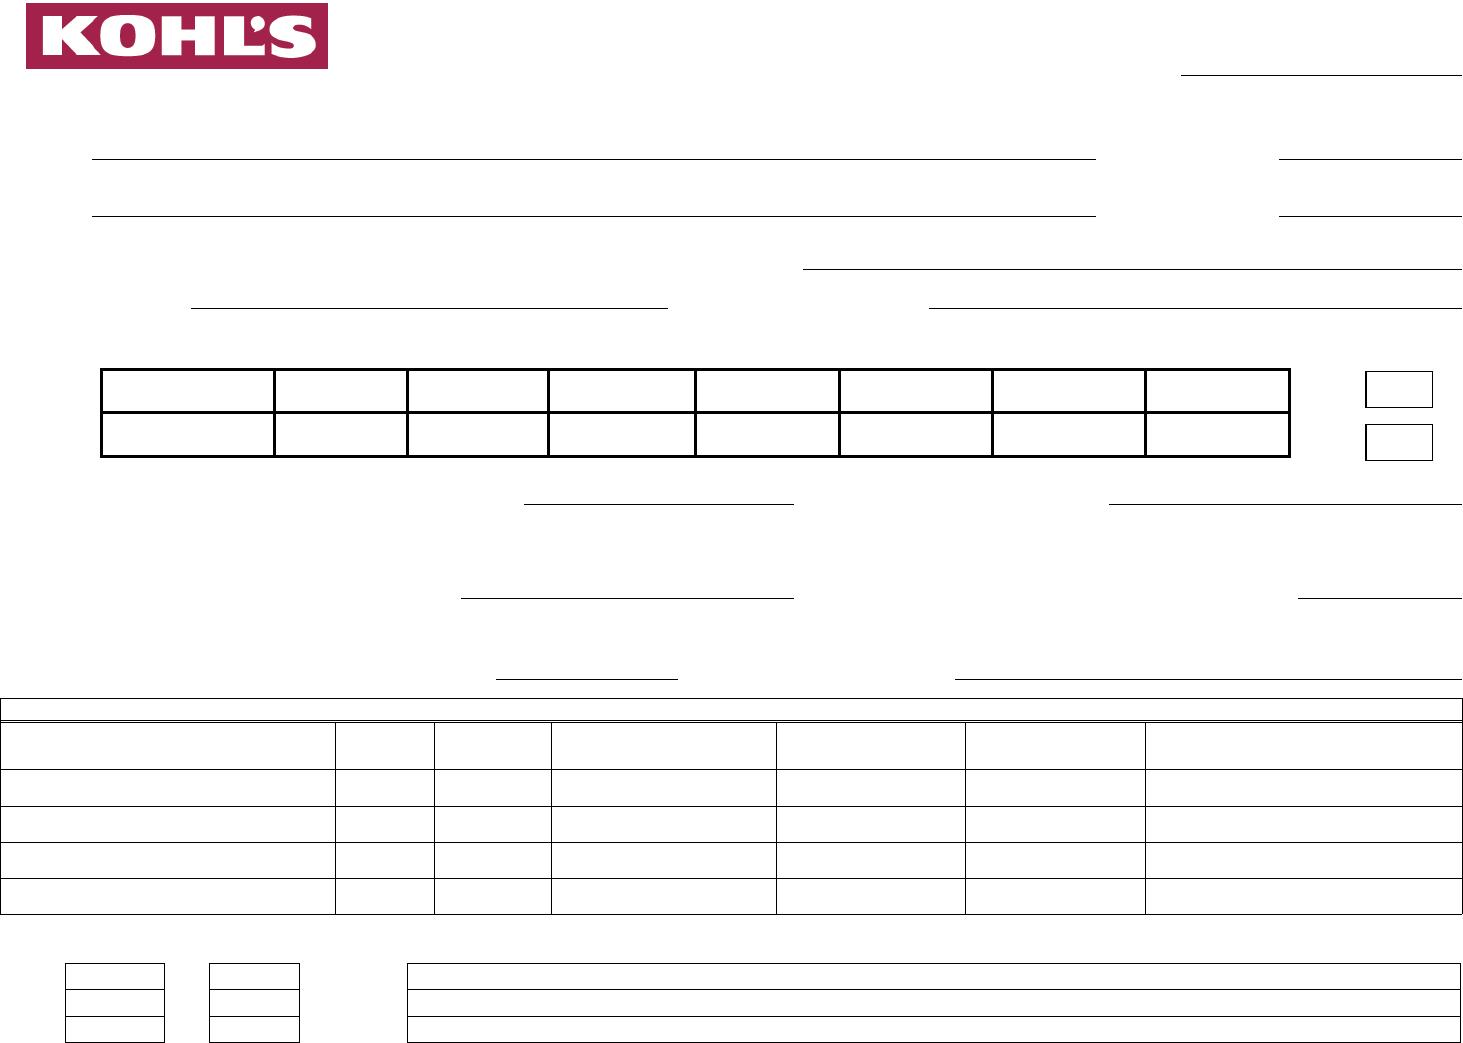 Free Printable Kohl's Job Application Form